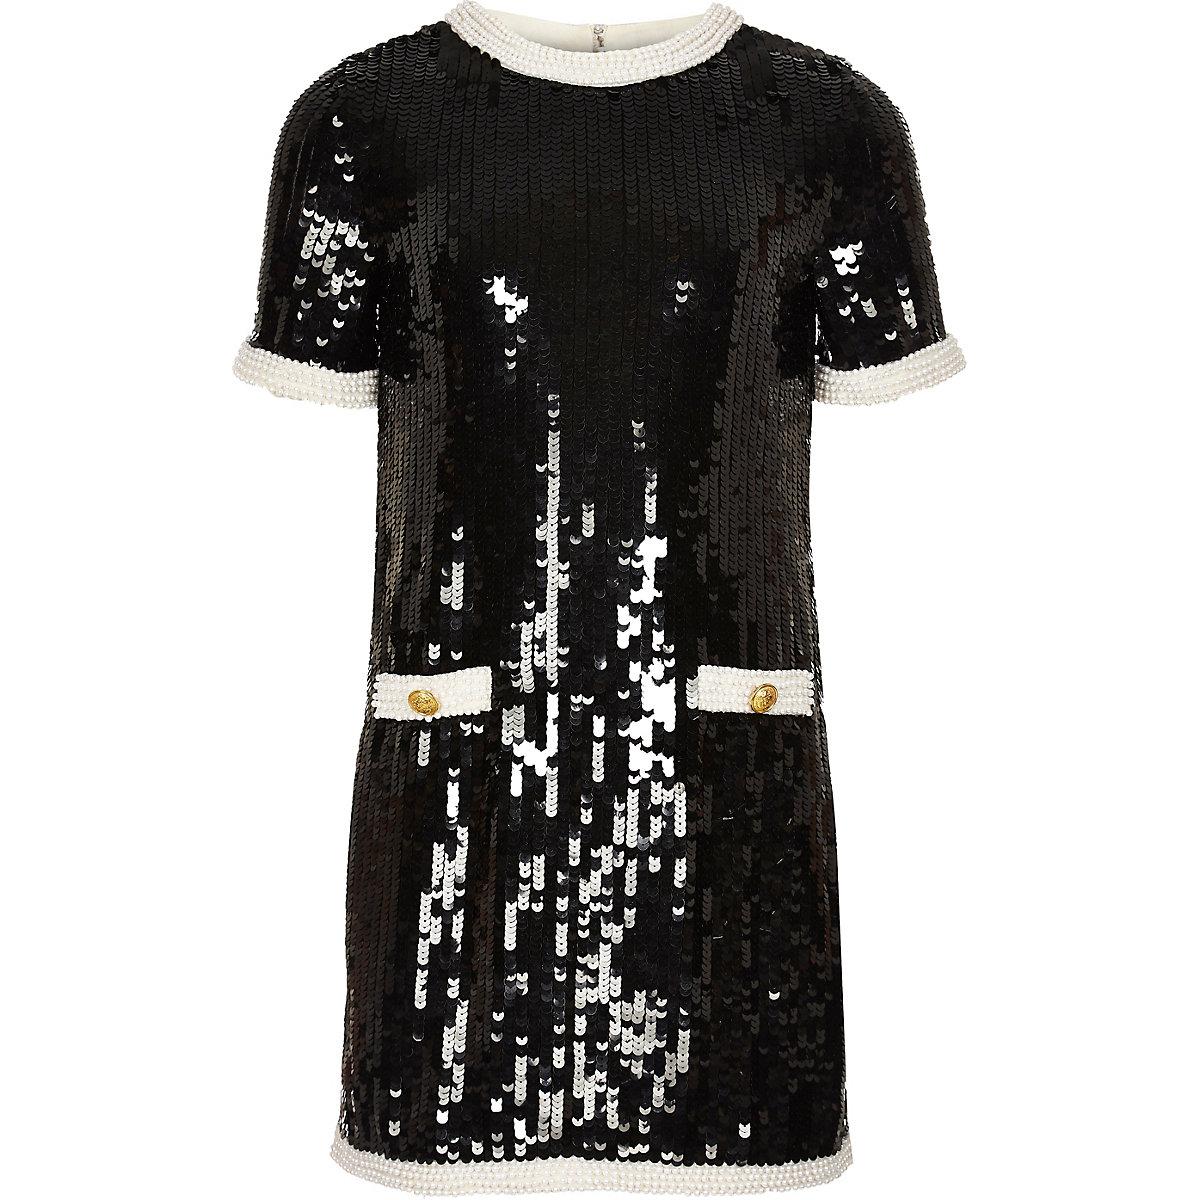 Girls black sequin embellished dress